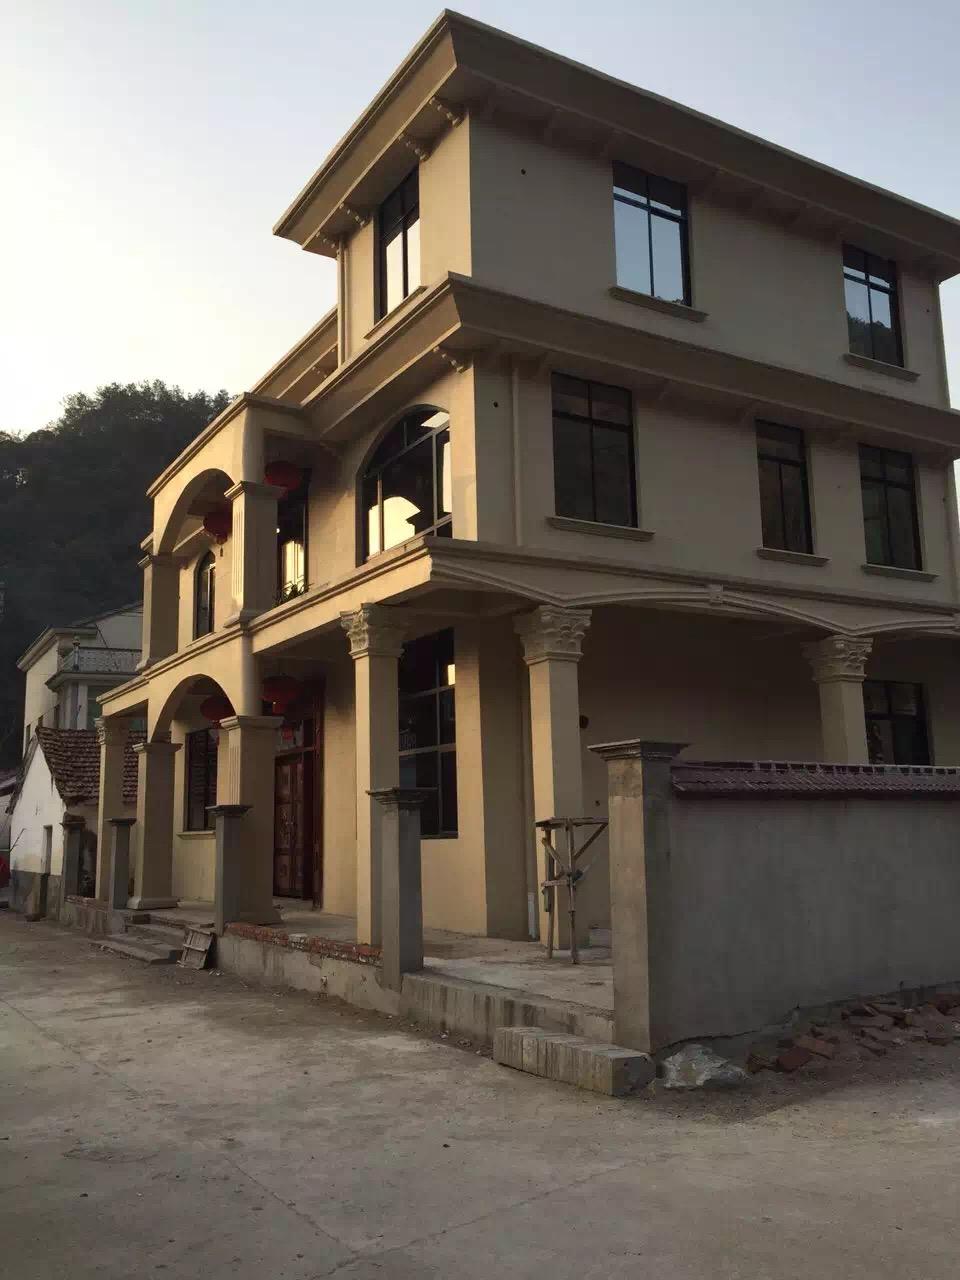 江西上饶地区EPS外墙构件 欧式装饰 兰溪绿建建材提供您满意的产品